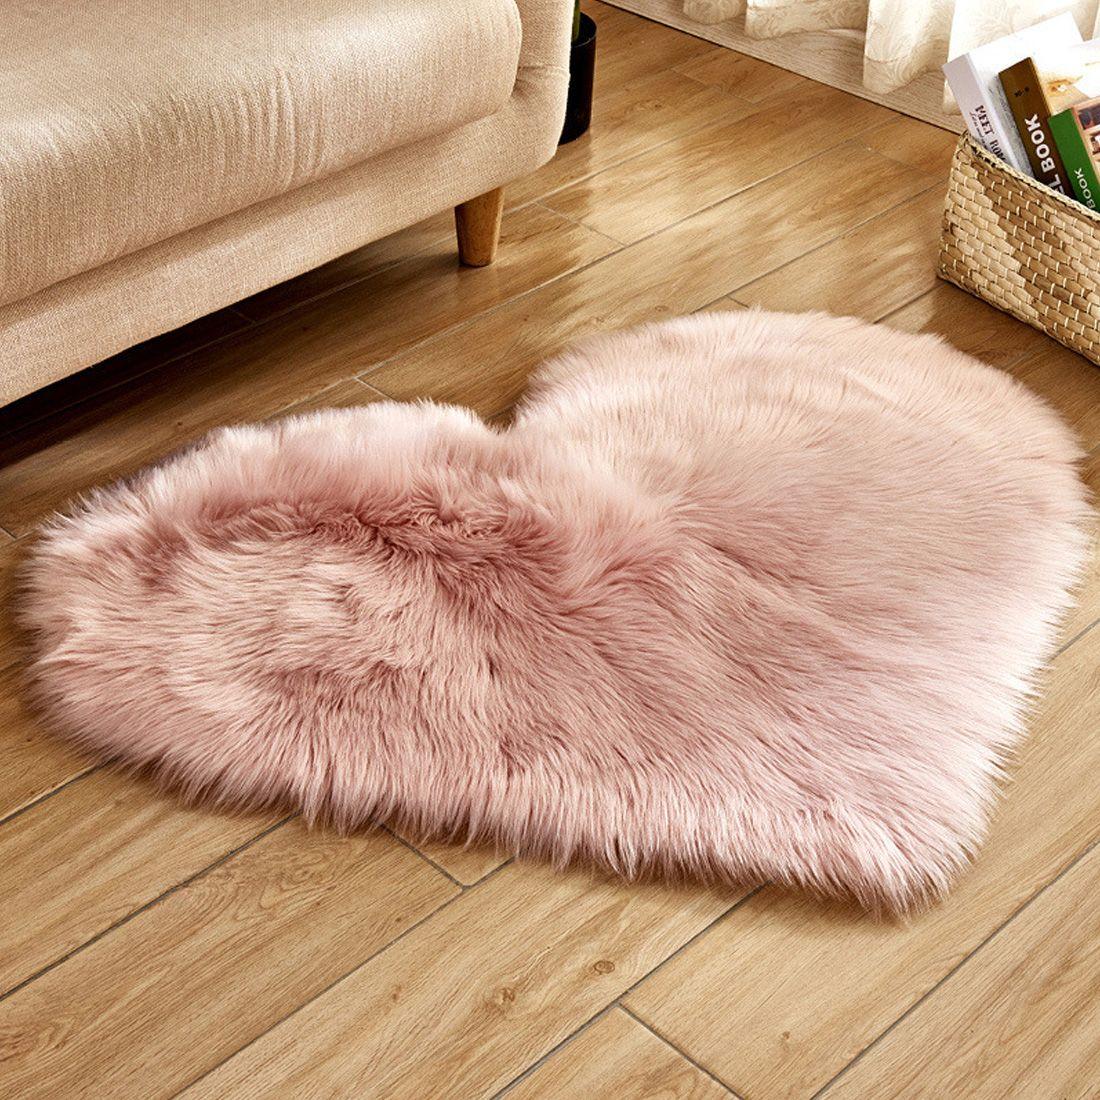 Amour coeur tapis fourrure artificielle peau de mouton poilu tapis chambre salon décor doux Shaggy zone tapis